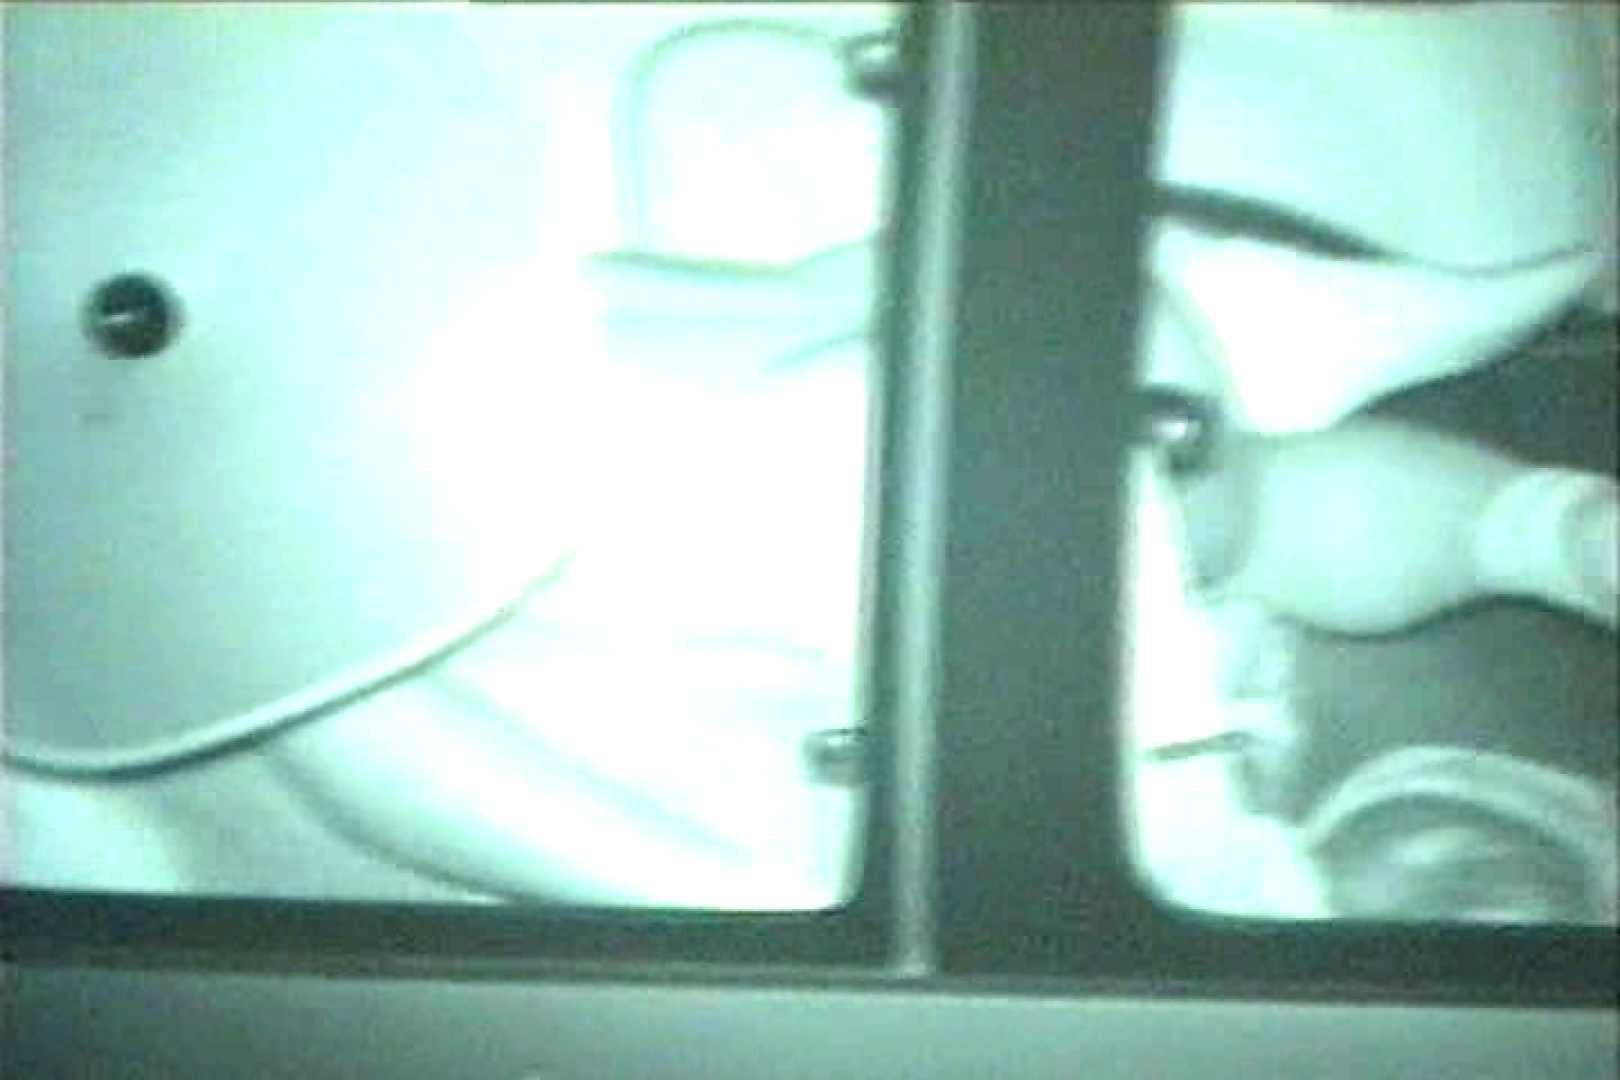 車の中はラブホテル 無修正版  Vol.27 OLヌード天国 のぞき動画画像 105PIX 34